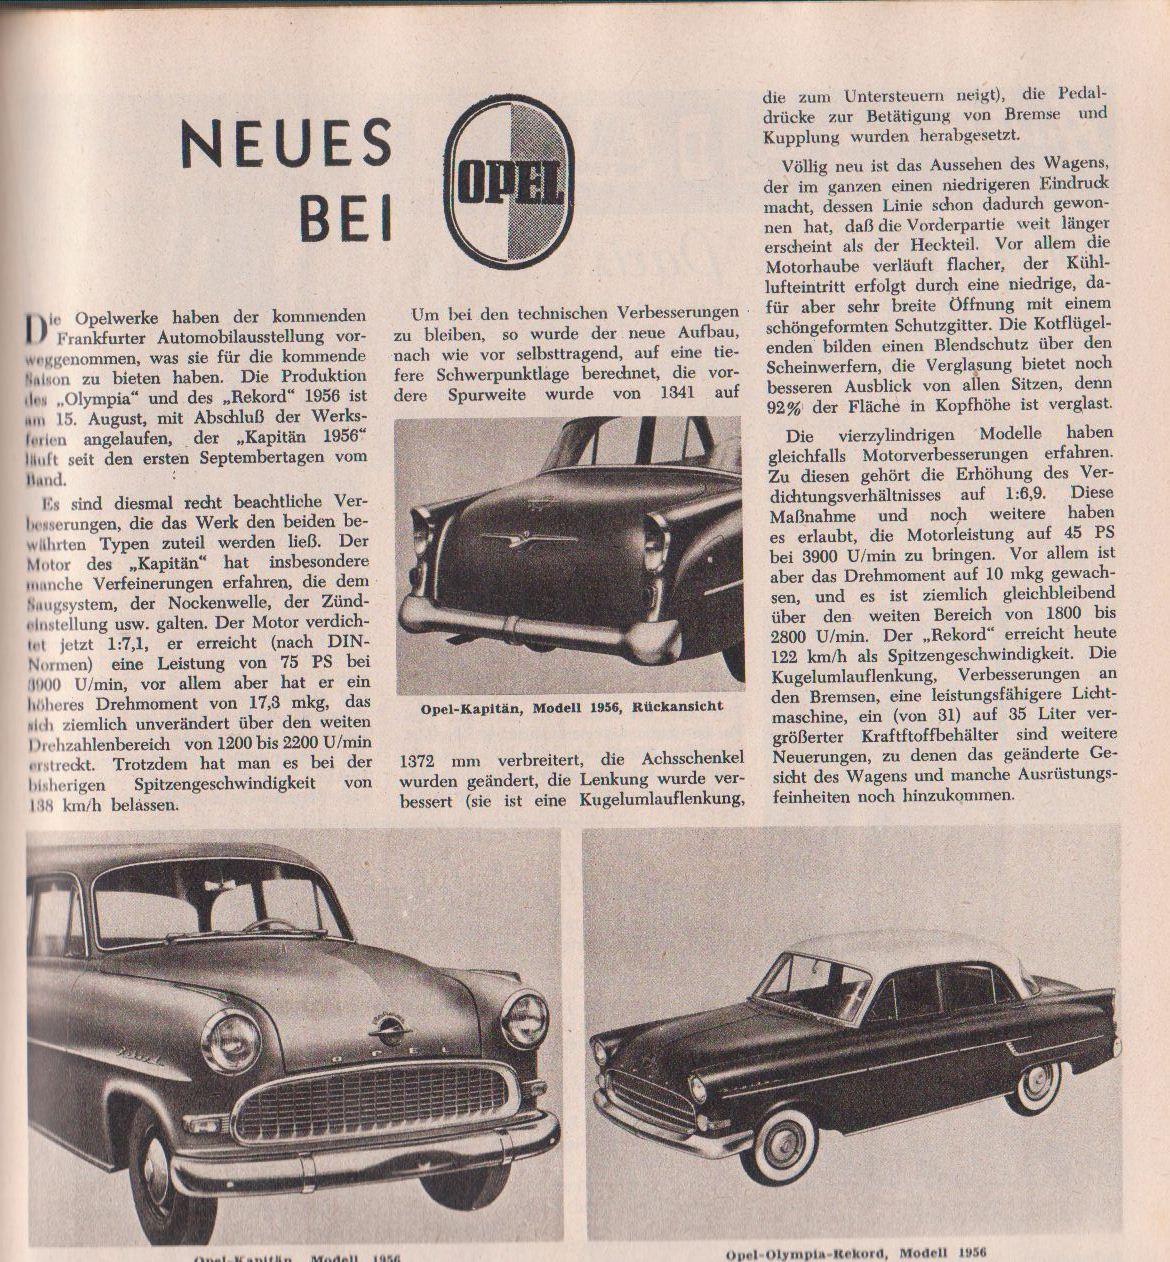 Neues Bei Opel Kaferblog